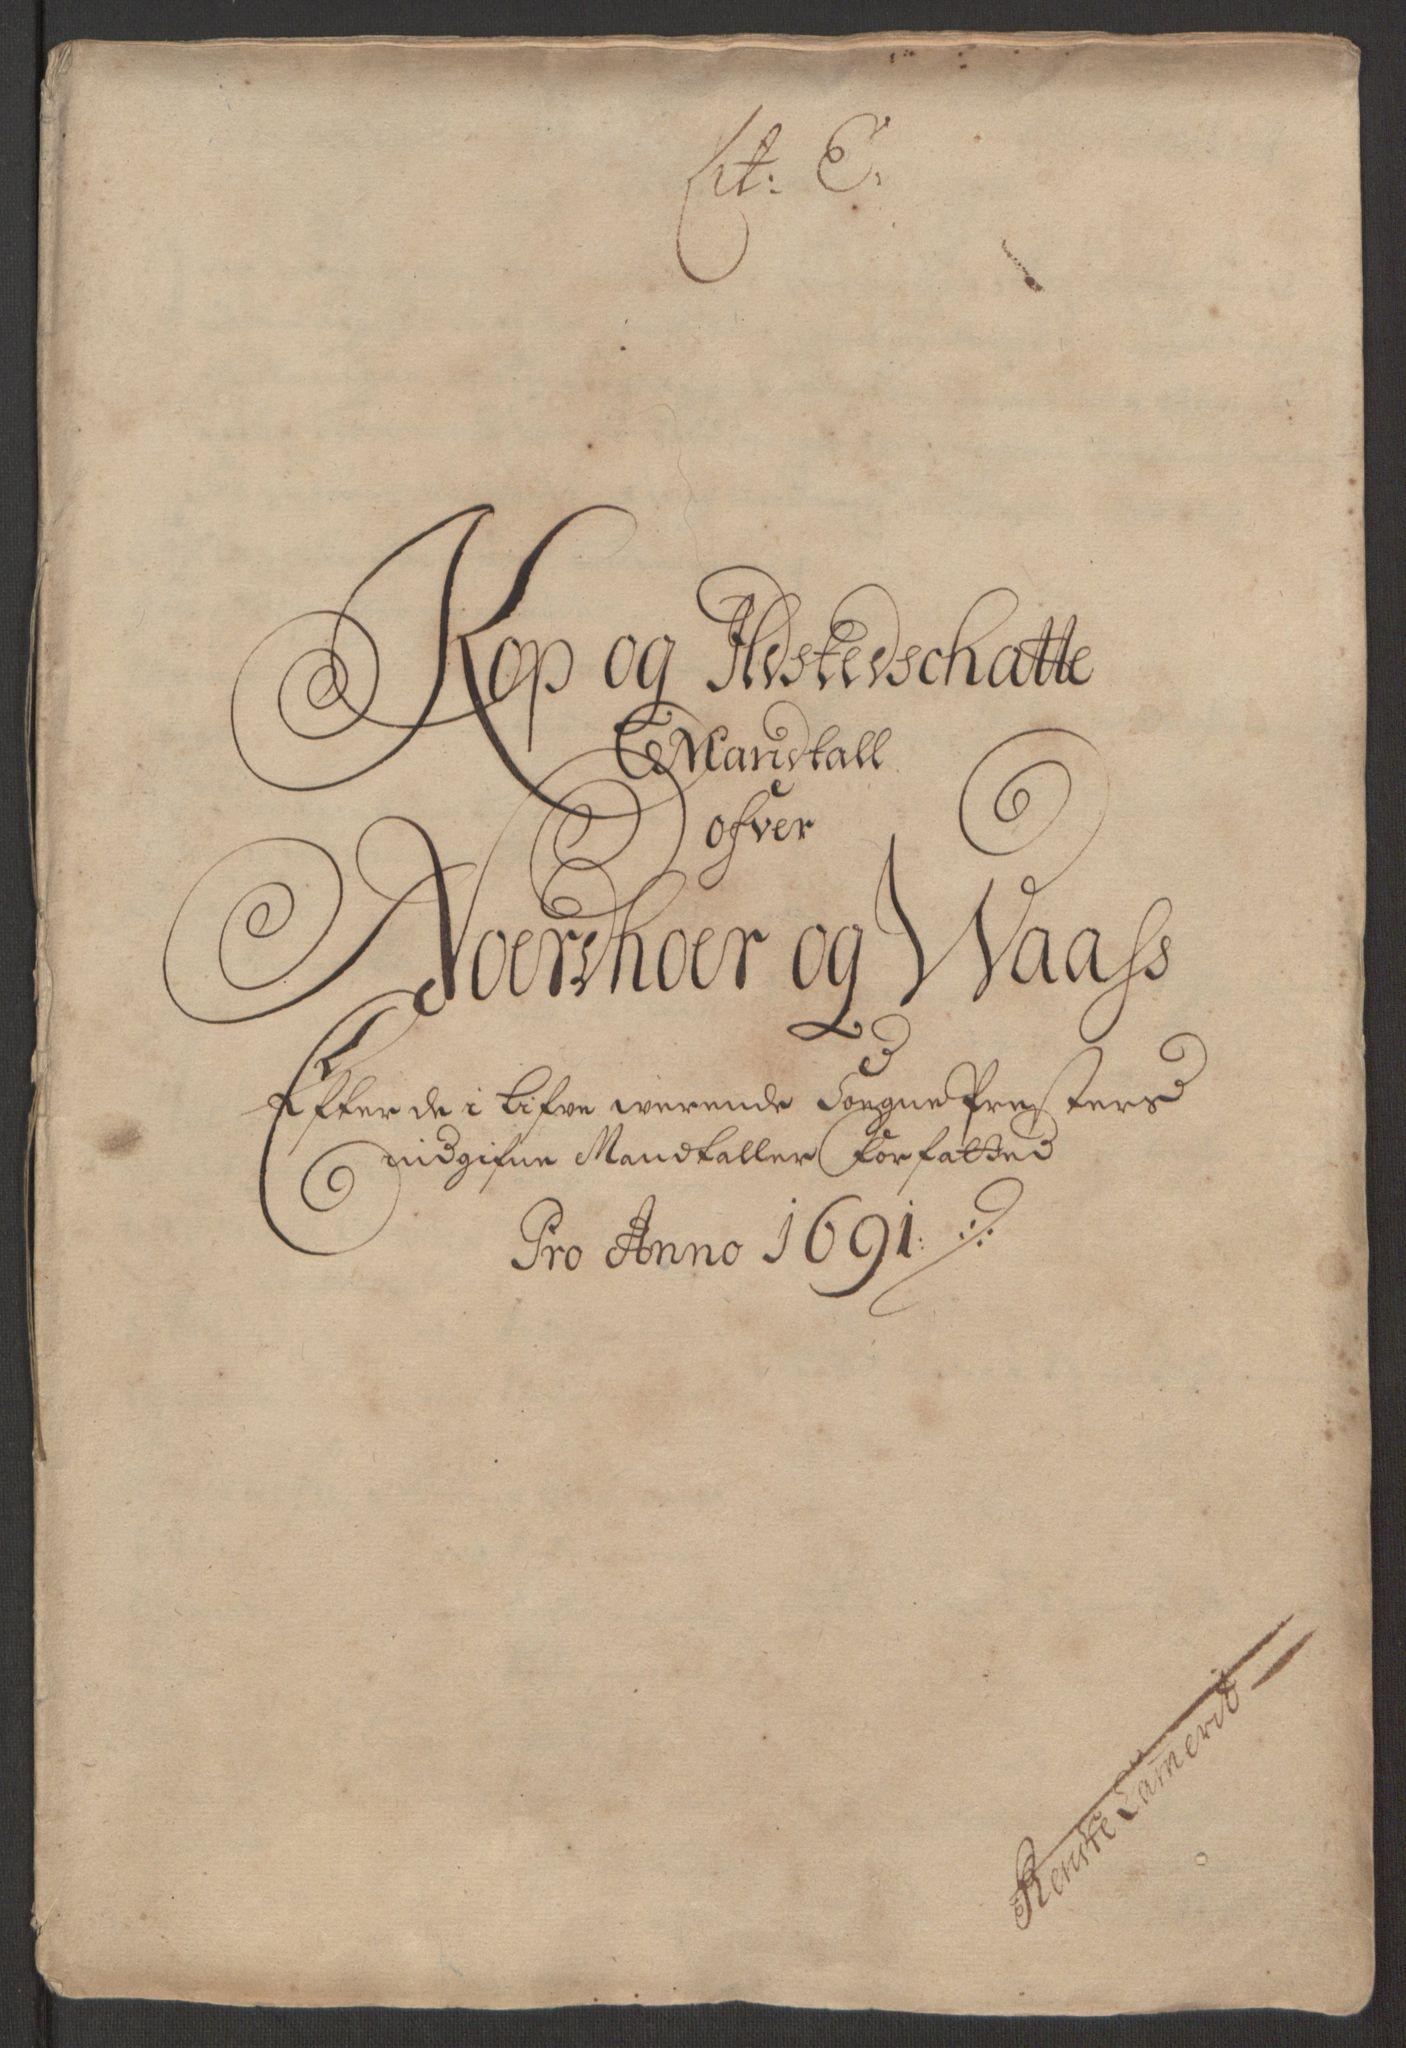 RA, Rentekammeret inntil 1814, Reviderte regnskaper, Fogderegnskap, R51/L3181: Fogderegnskap Nordhordland og Voss, 1691-1692, s. 148